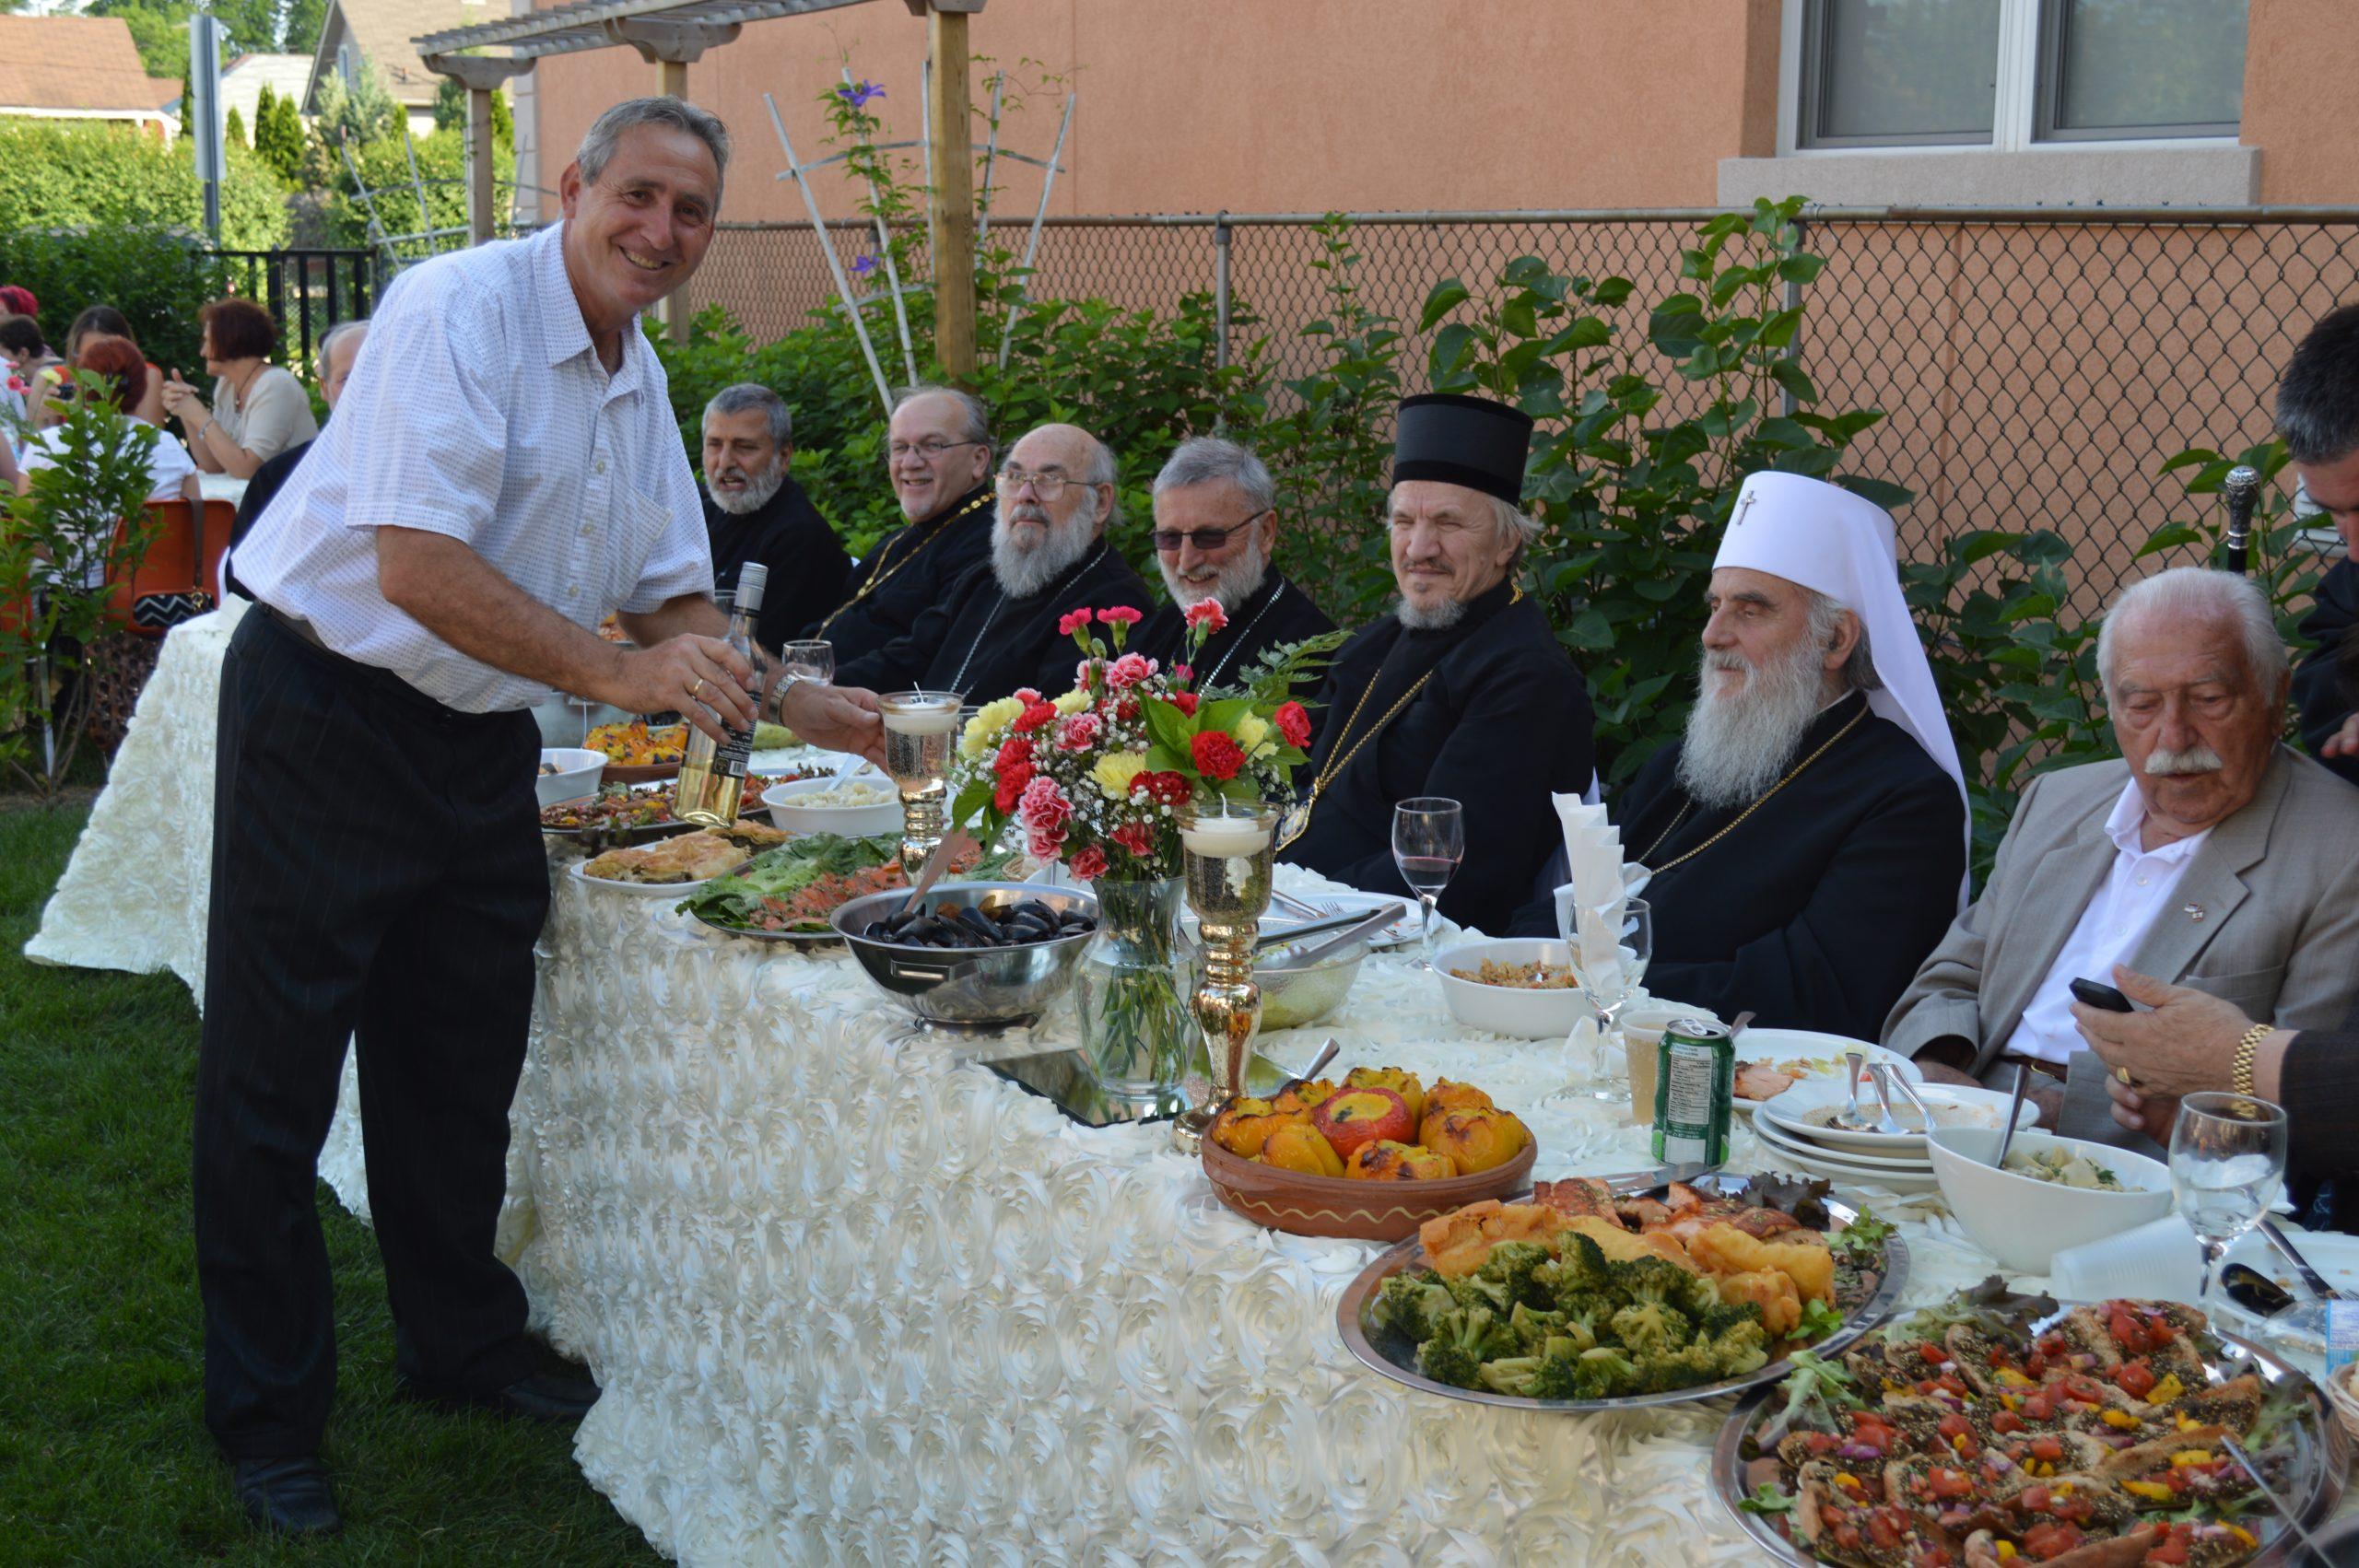 Мали помен за покој душе нашег патријарха / Memorial service for the repose of our Patriarch Irinej